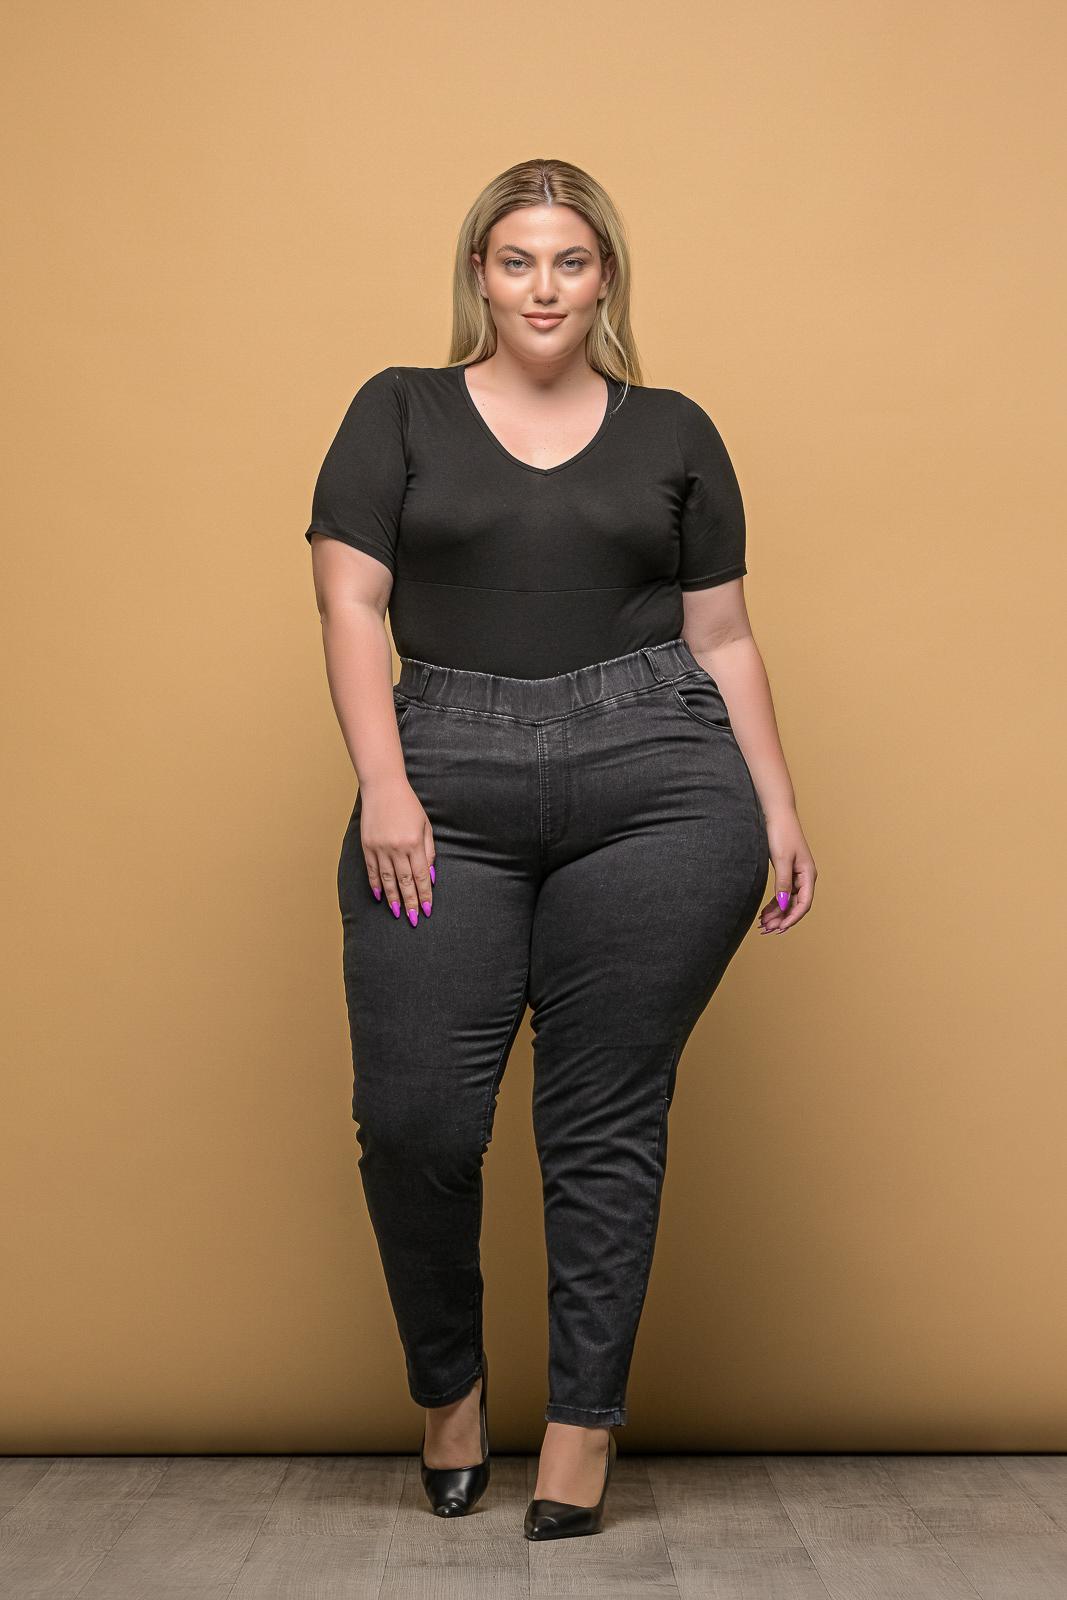 Τζιν +Psx μεγάλα μεγέθη ελαστικό μαύρο με λάστιχο στη μέση .Στο eshop μας θα βρείτε οικονομικά γυναίκεια ρούχα σε μεγάλα μεγέθη και υπερμεγέθη.